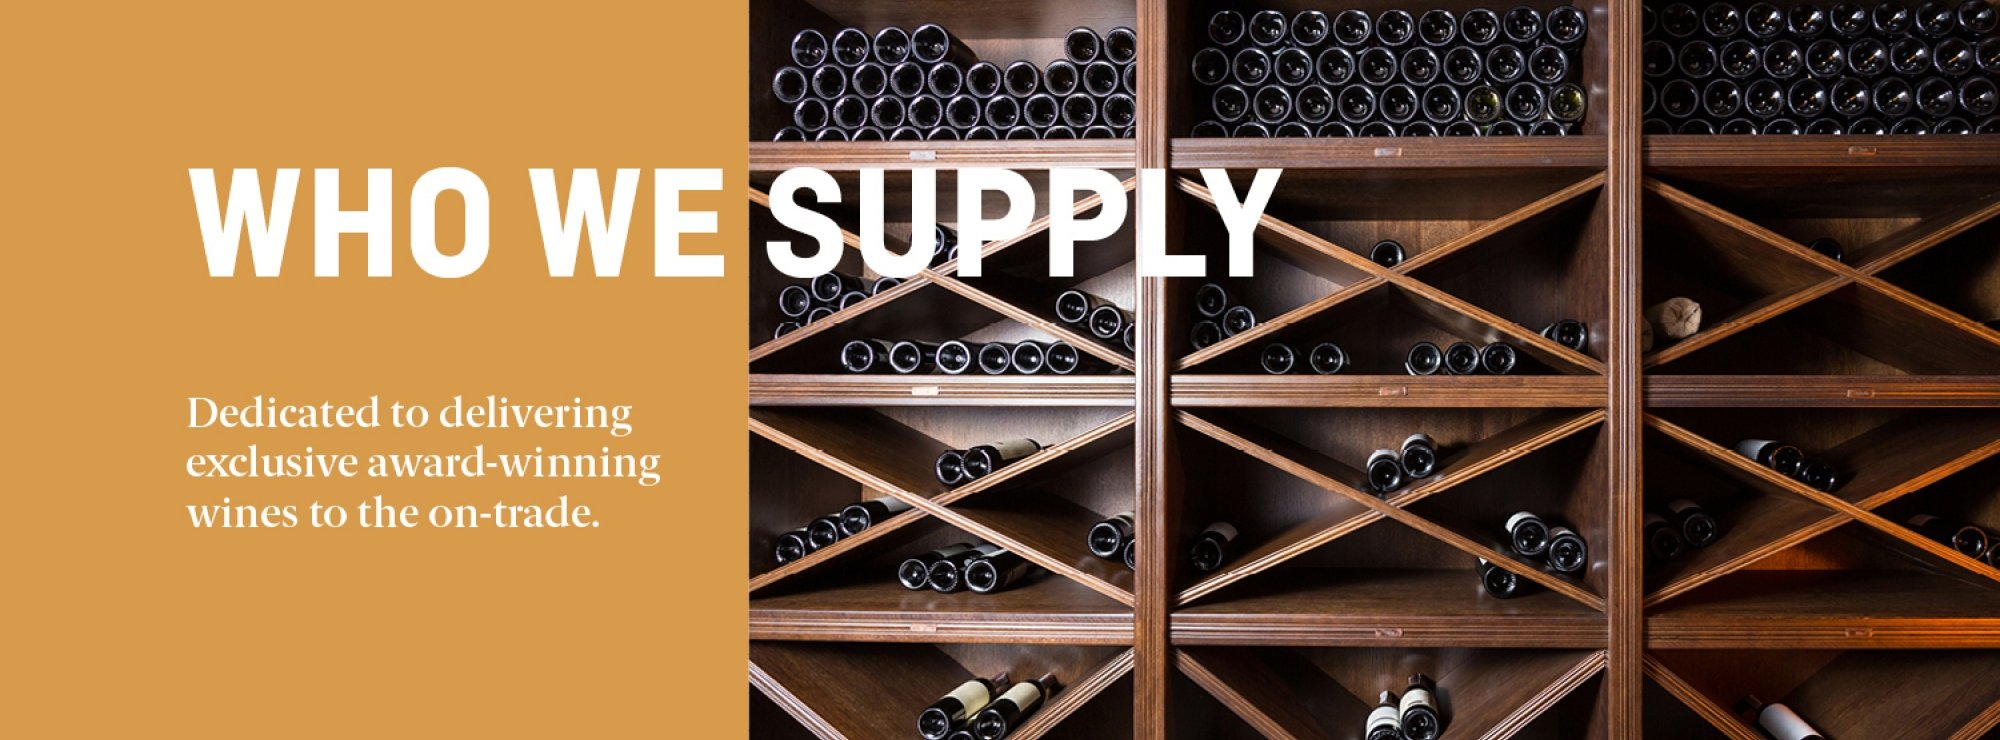 Who We Supply - Optimised